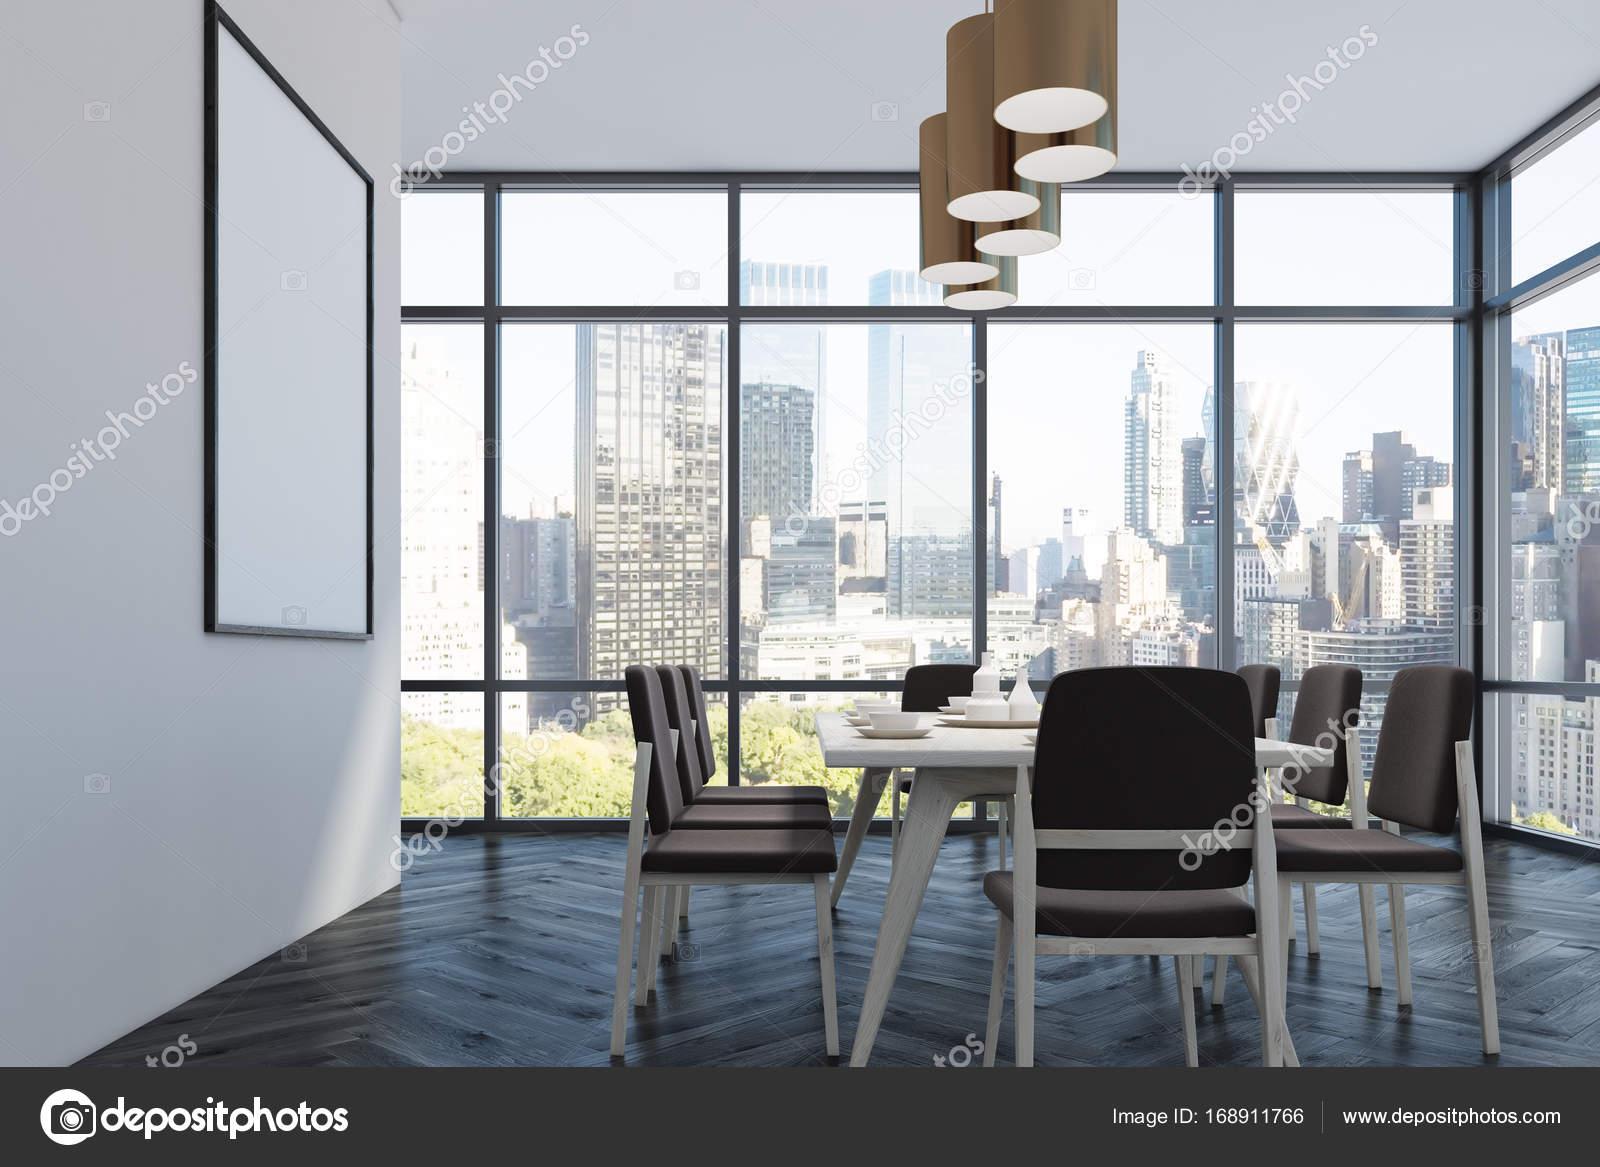 Beautiful Esszimmer Einrichtung Mit Loft Fenster, Weiße Wände Und Einen Schwarzen  Holzboden. Ein Langer Tisch Mit Stühlen Und Einem Poster An Der Wand.  Seitenansicht.